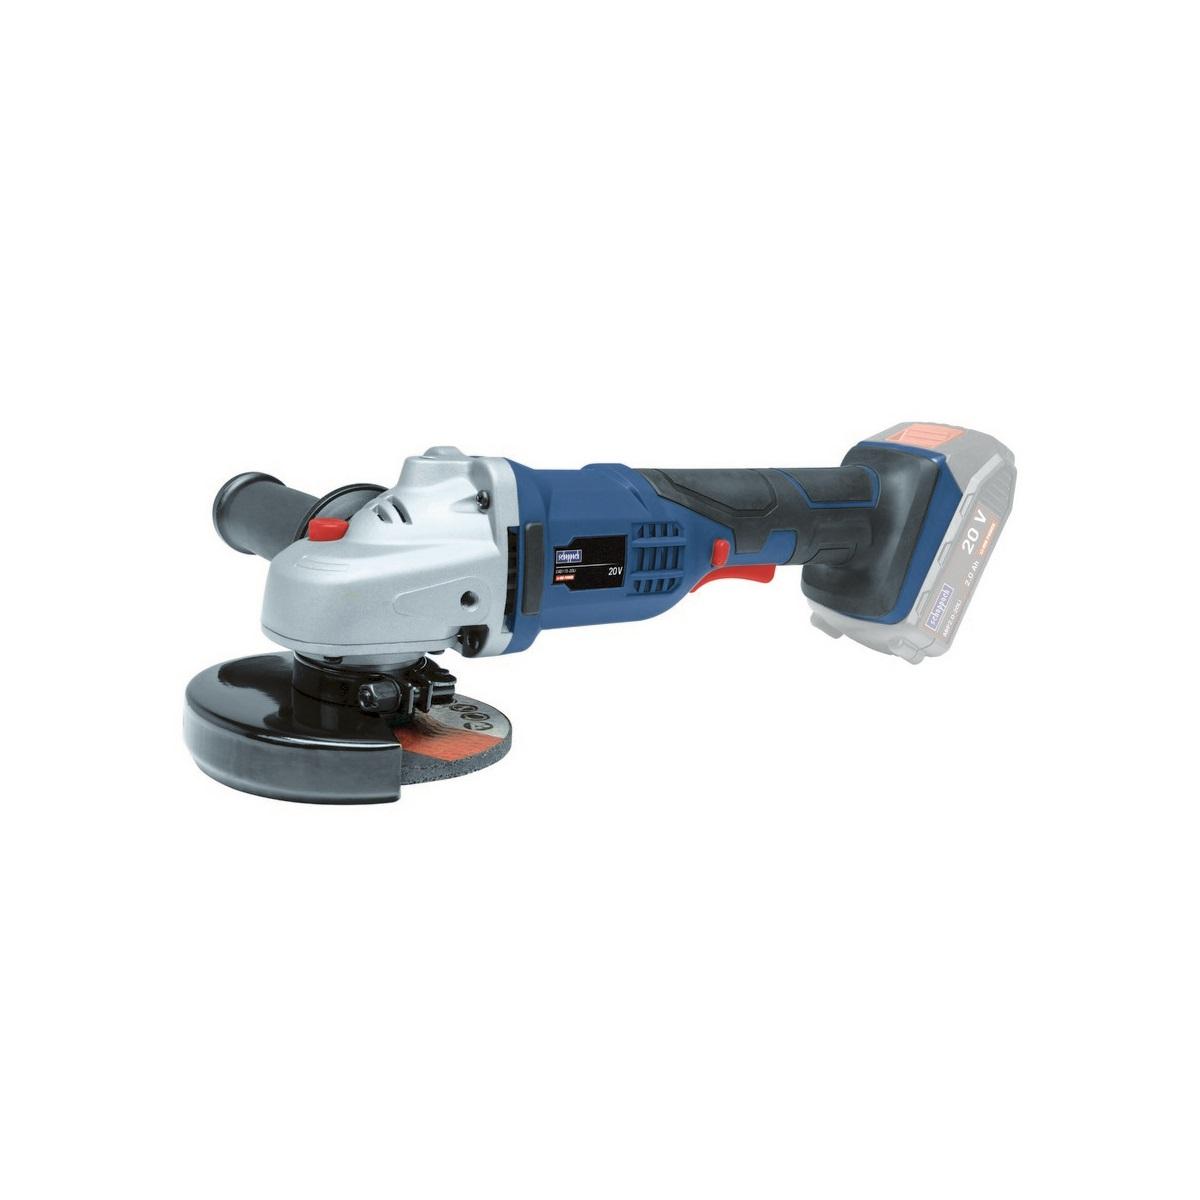 Scheppach CAD115-20Liaku 20 V úhlová bruska 115 mm